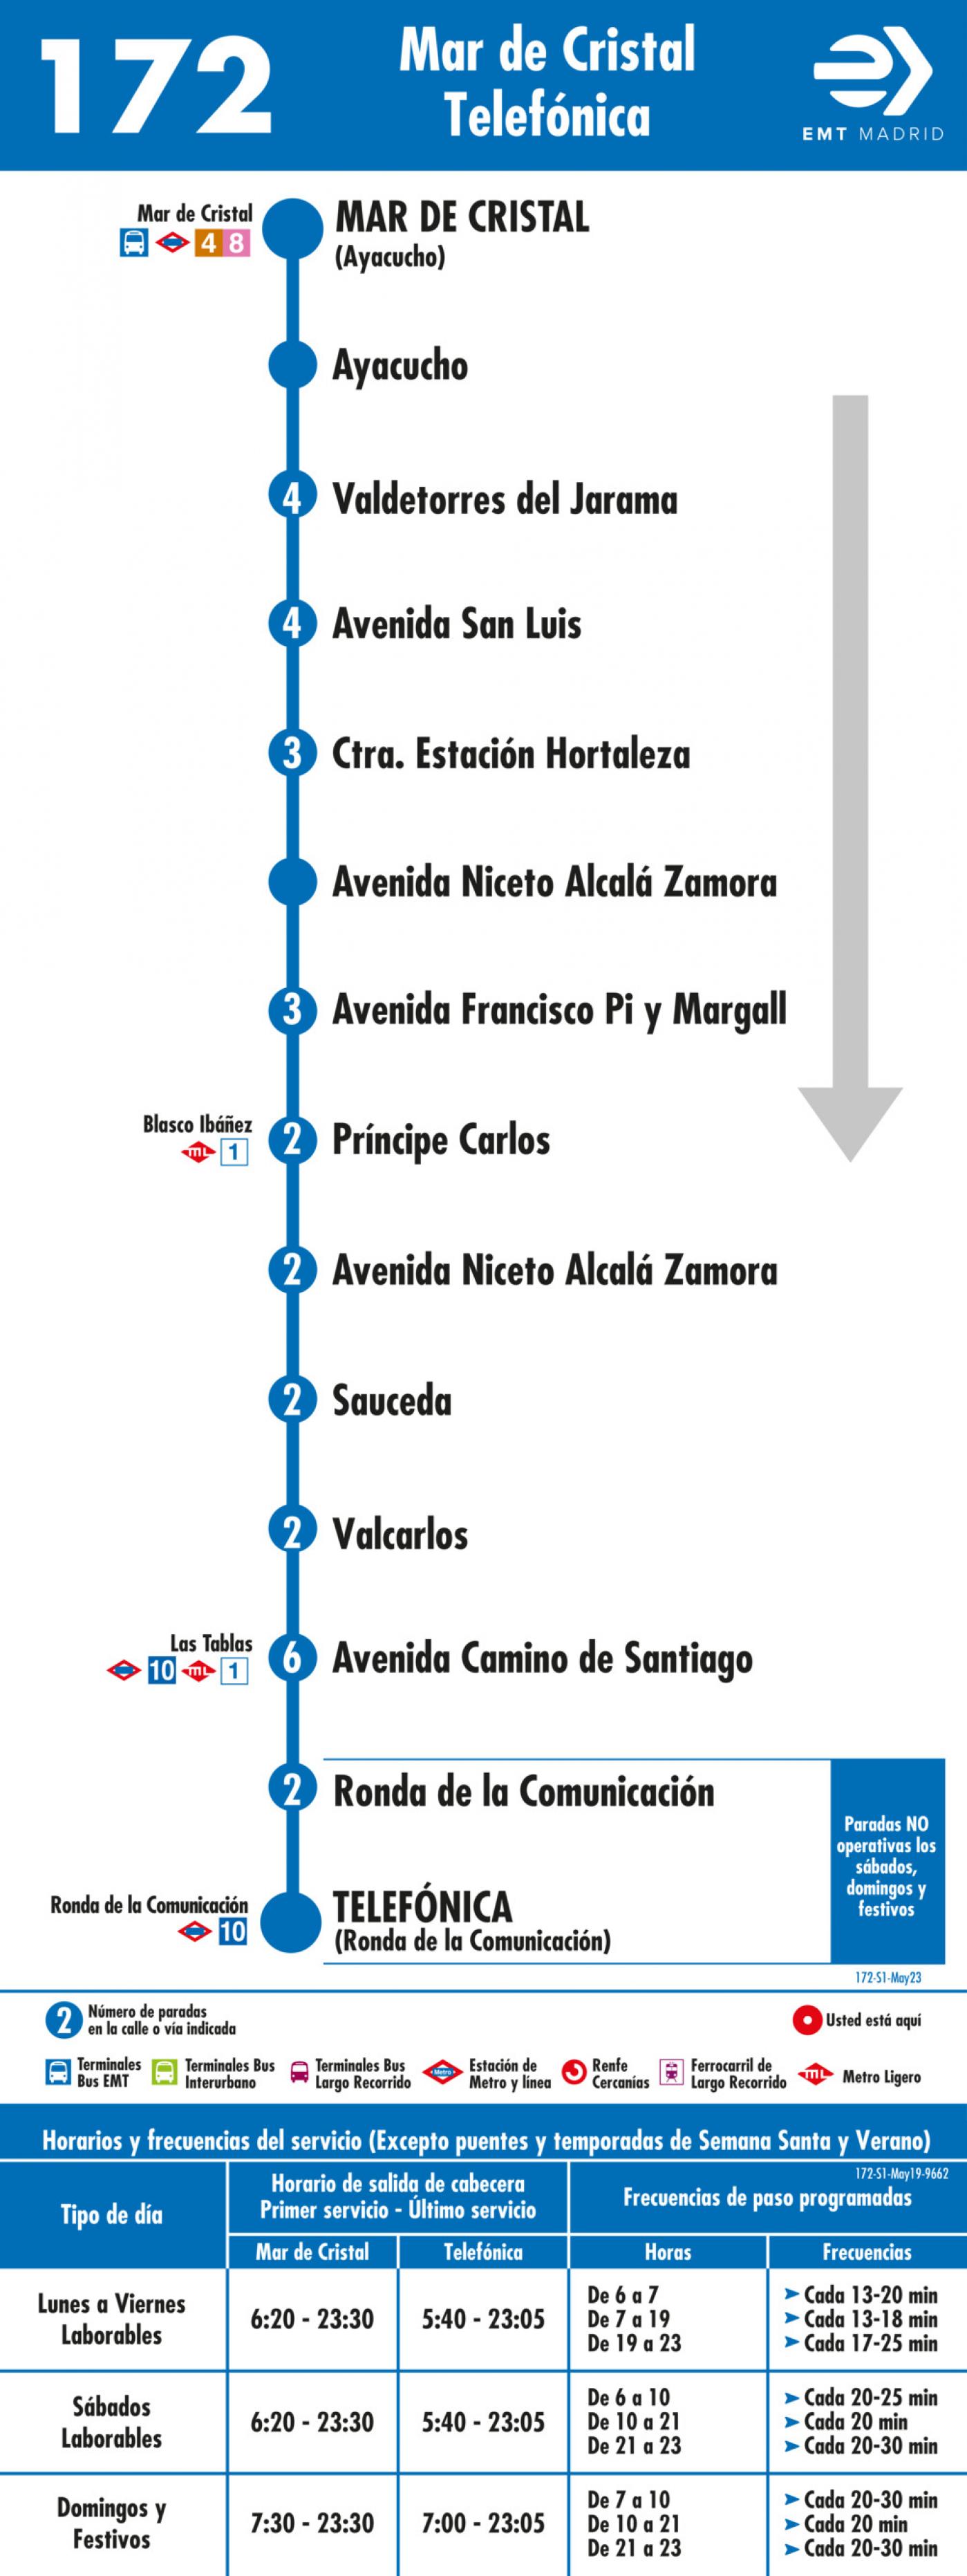 Tabla de horarios y frecuencias de paso en sentido ida Línea 172: Mar de Cristal - Las Tablas - Telefónica